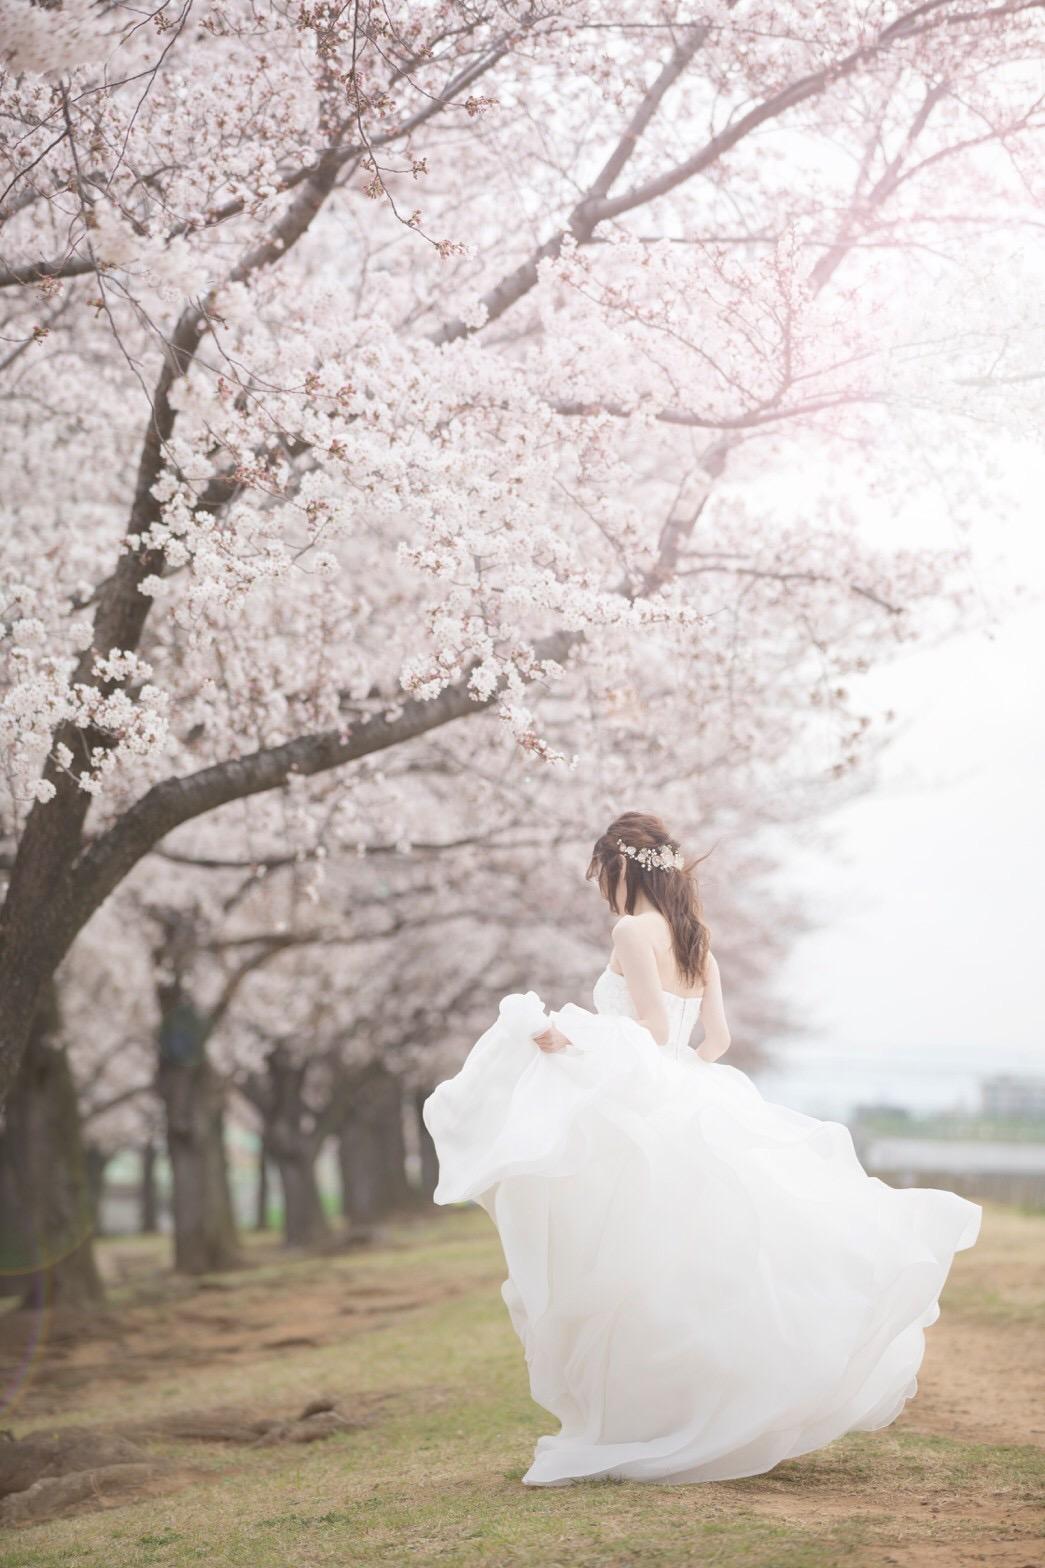 【桜ウェディング】桜満開の素敵なウェディングフォトを撮って頂きました♡_6